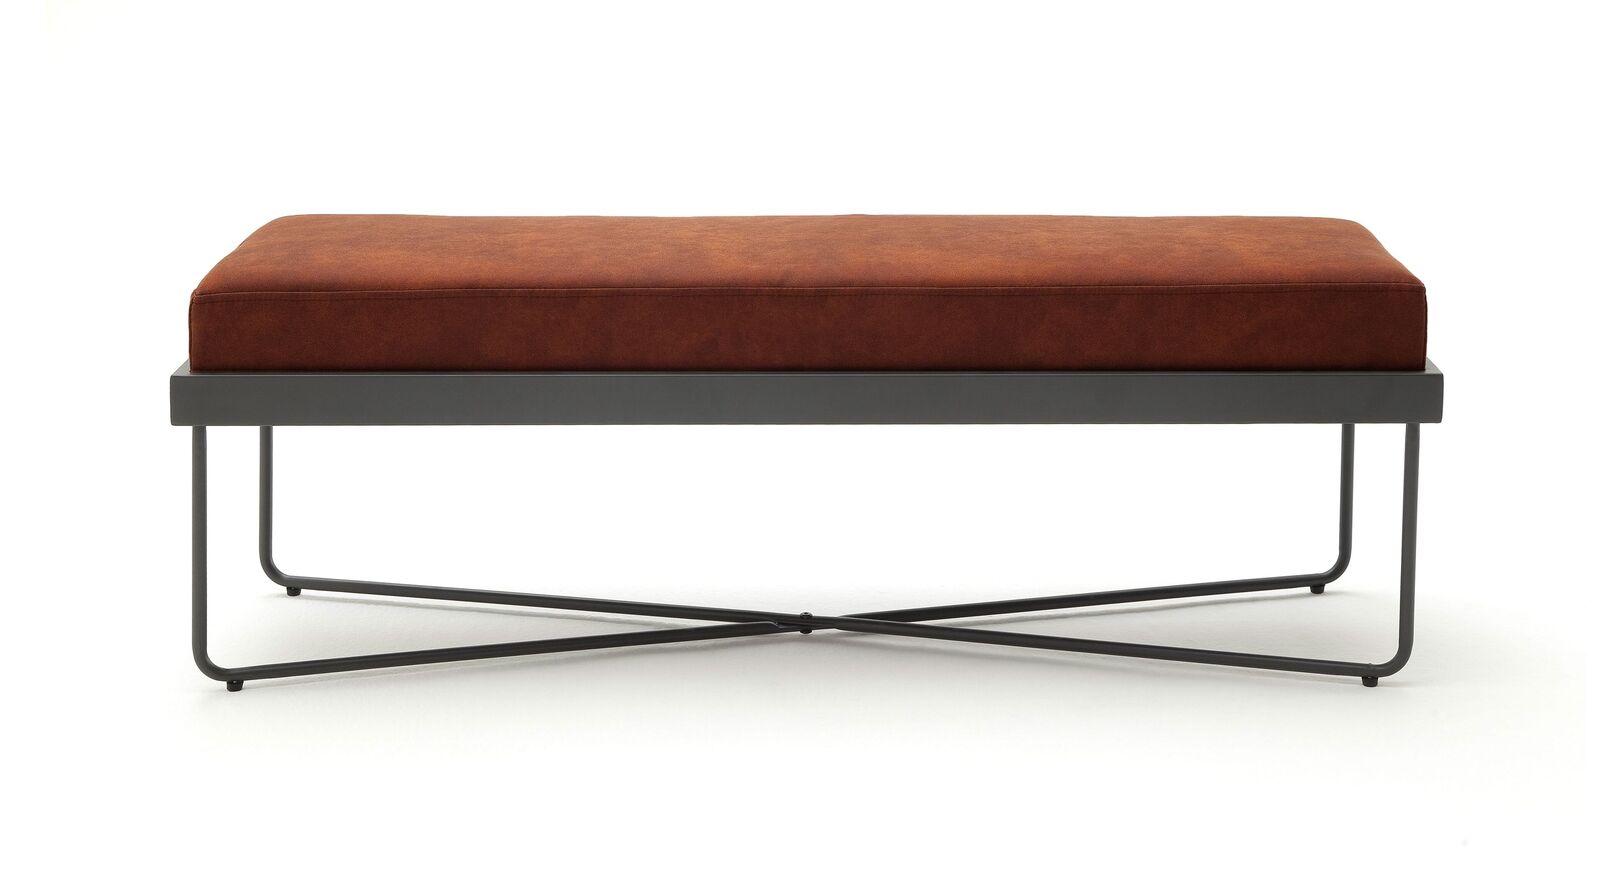 Bettbank Vegeta mit Sitzkissen aus cognacfarbenem Kunstleder